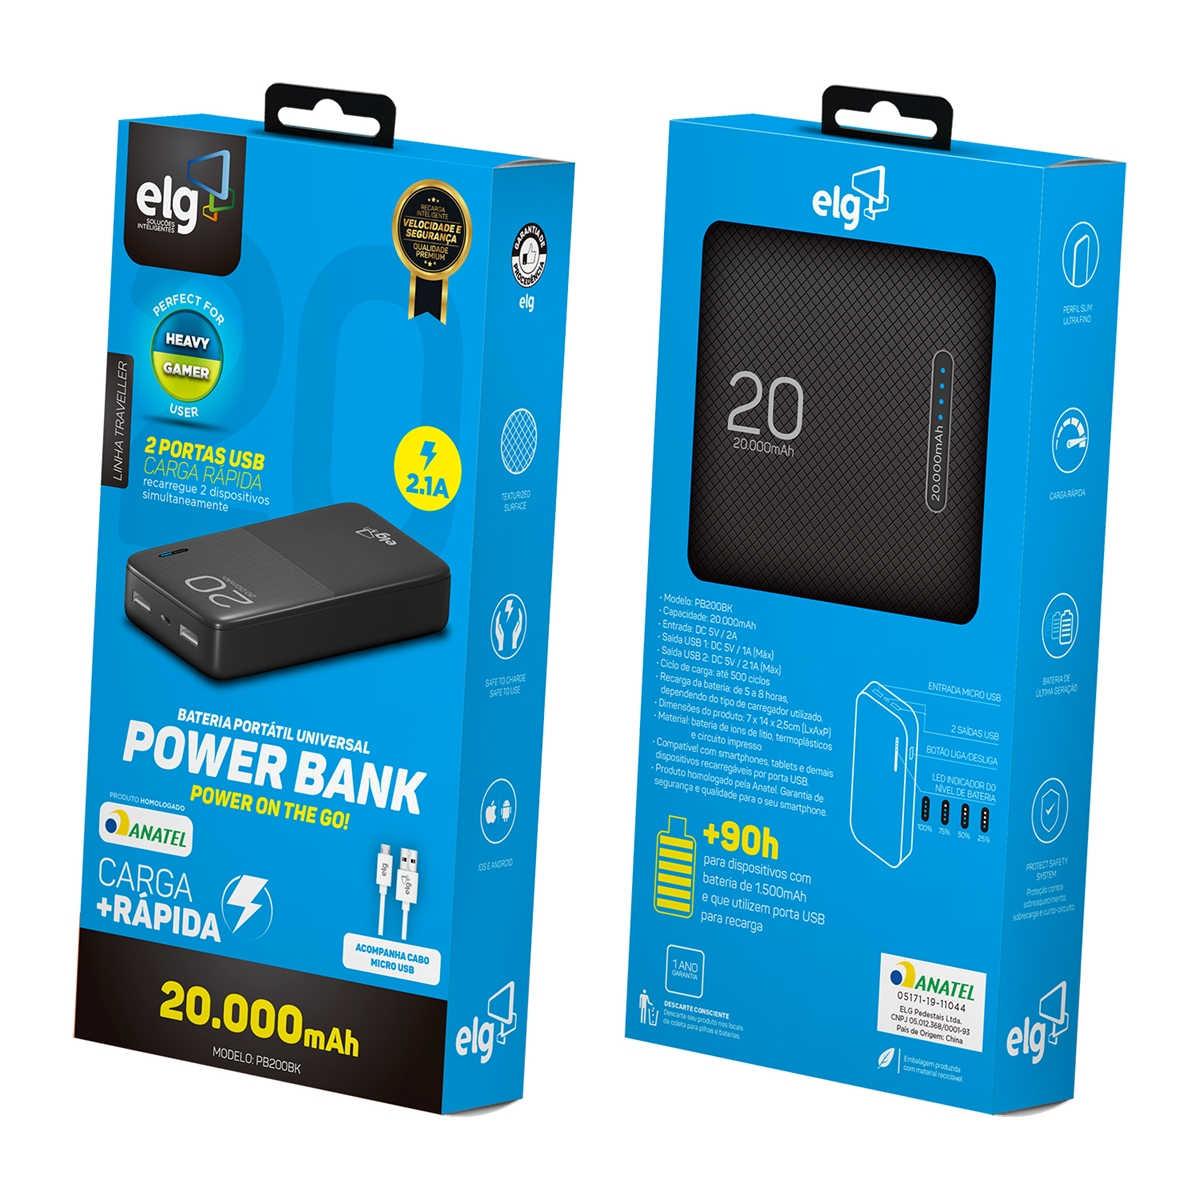 Power Bank 20.000mAh 2 USB LED indicador de Bateria Portátil Linha Traveller Homologado Anatel ELG PB200BK Preto